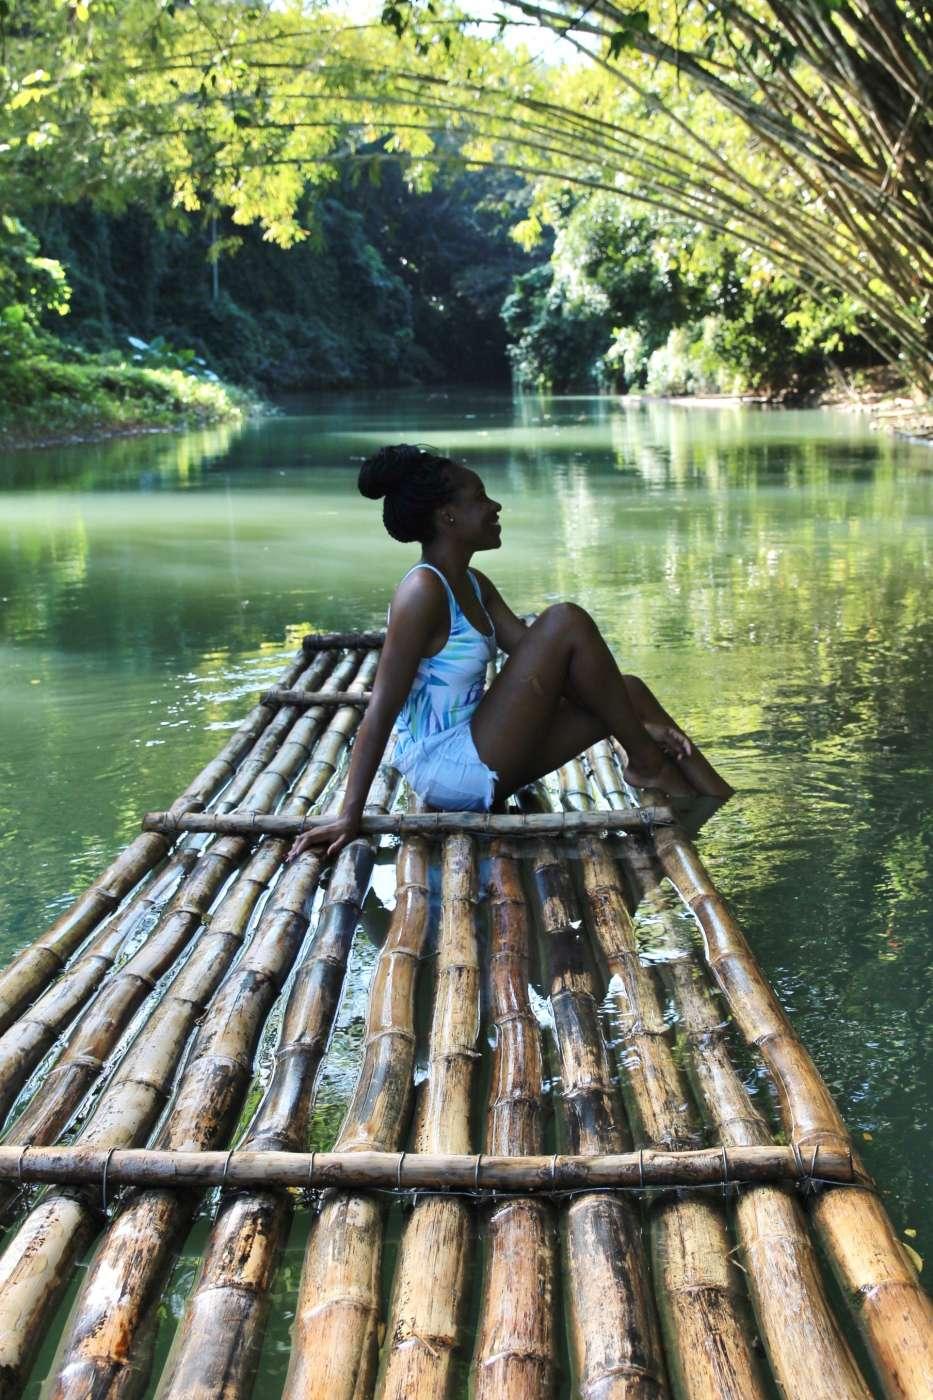 rafting-on-martha-brae-river-trelawny